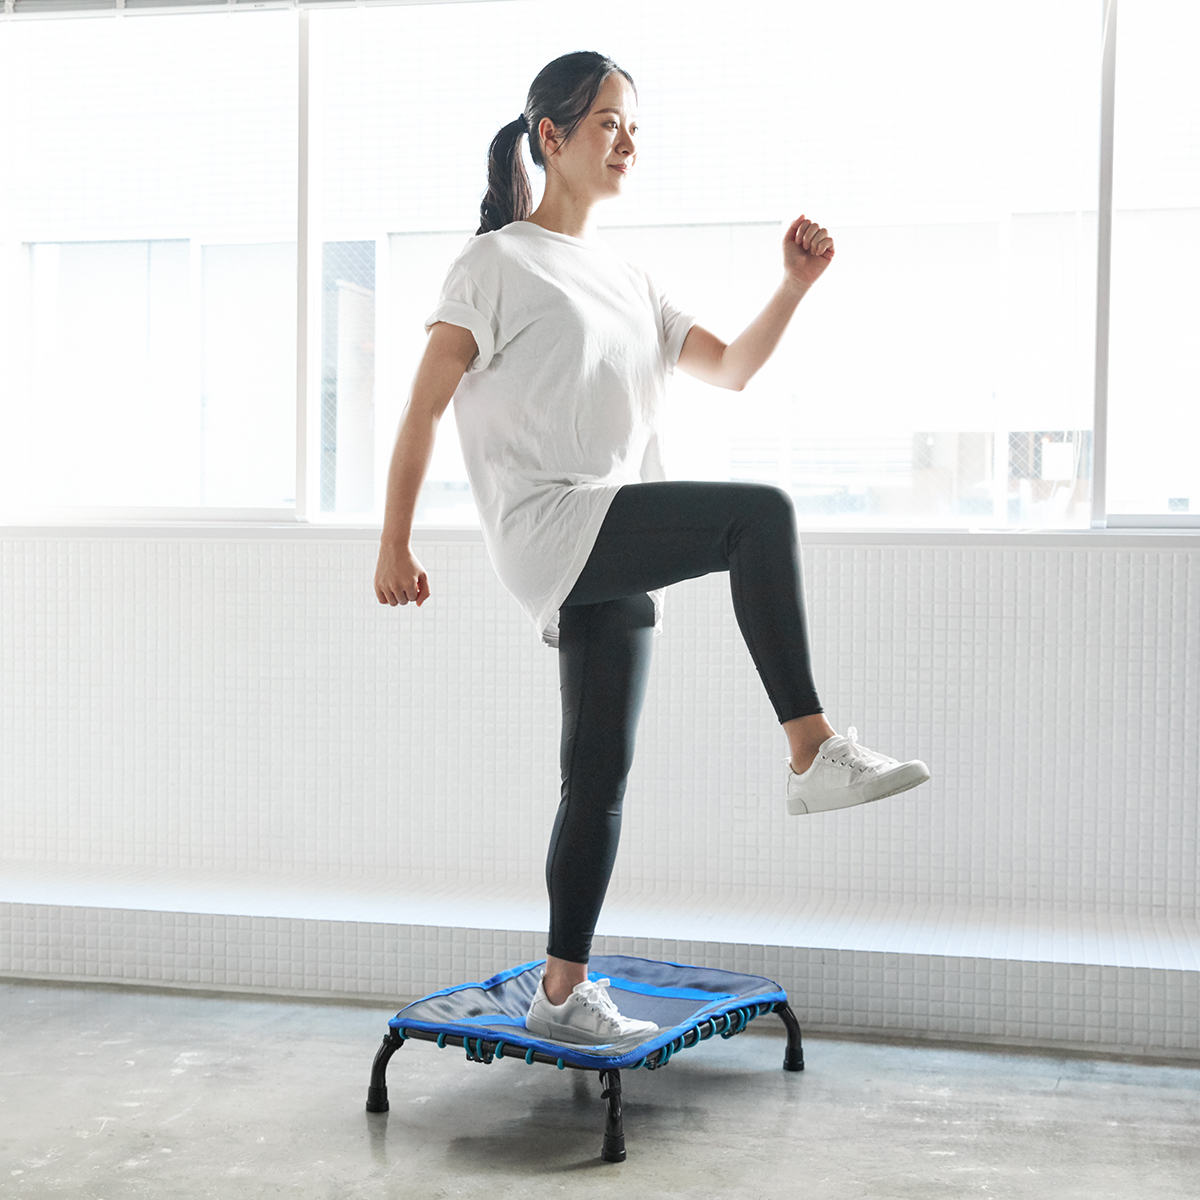 運動初心者も経験者も、トレーニングを続けやすい、プロトレーナー監修の有酸素運動。ミニサイズのトランポリン「ミニジャンパー」|AEROLIFE(エアロライフ)